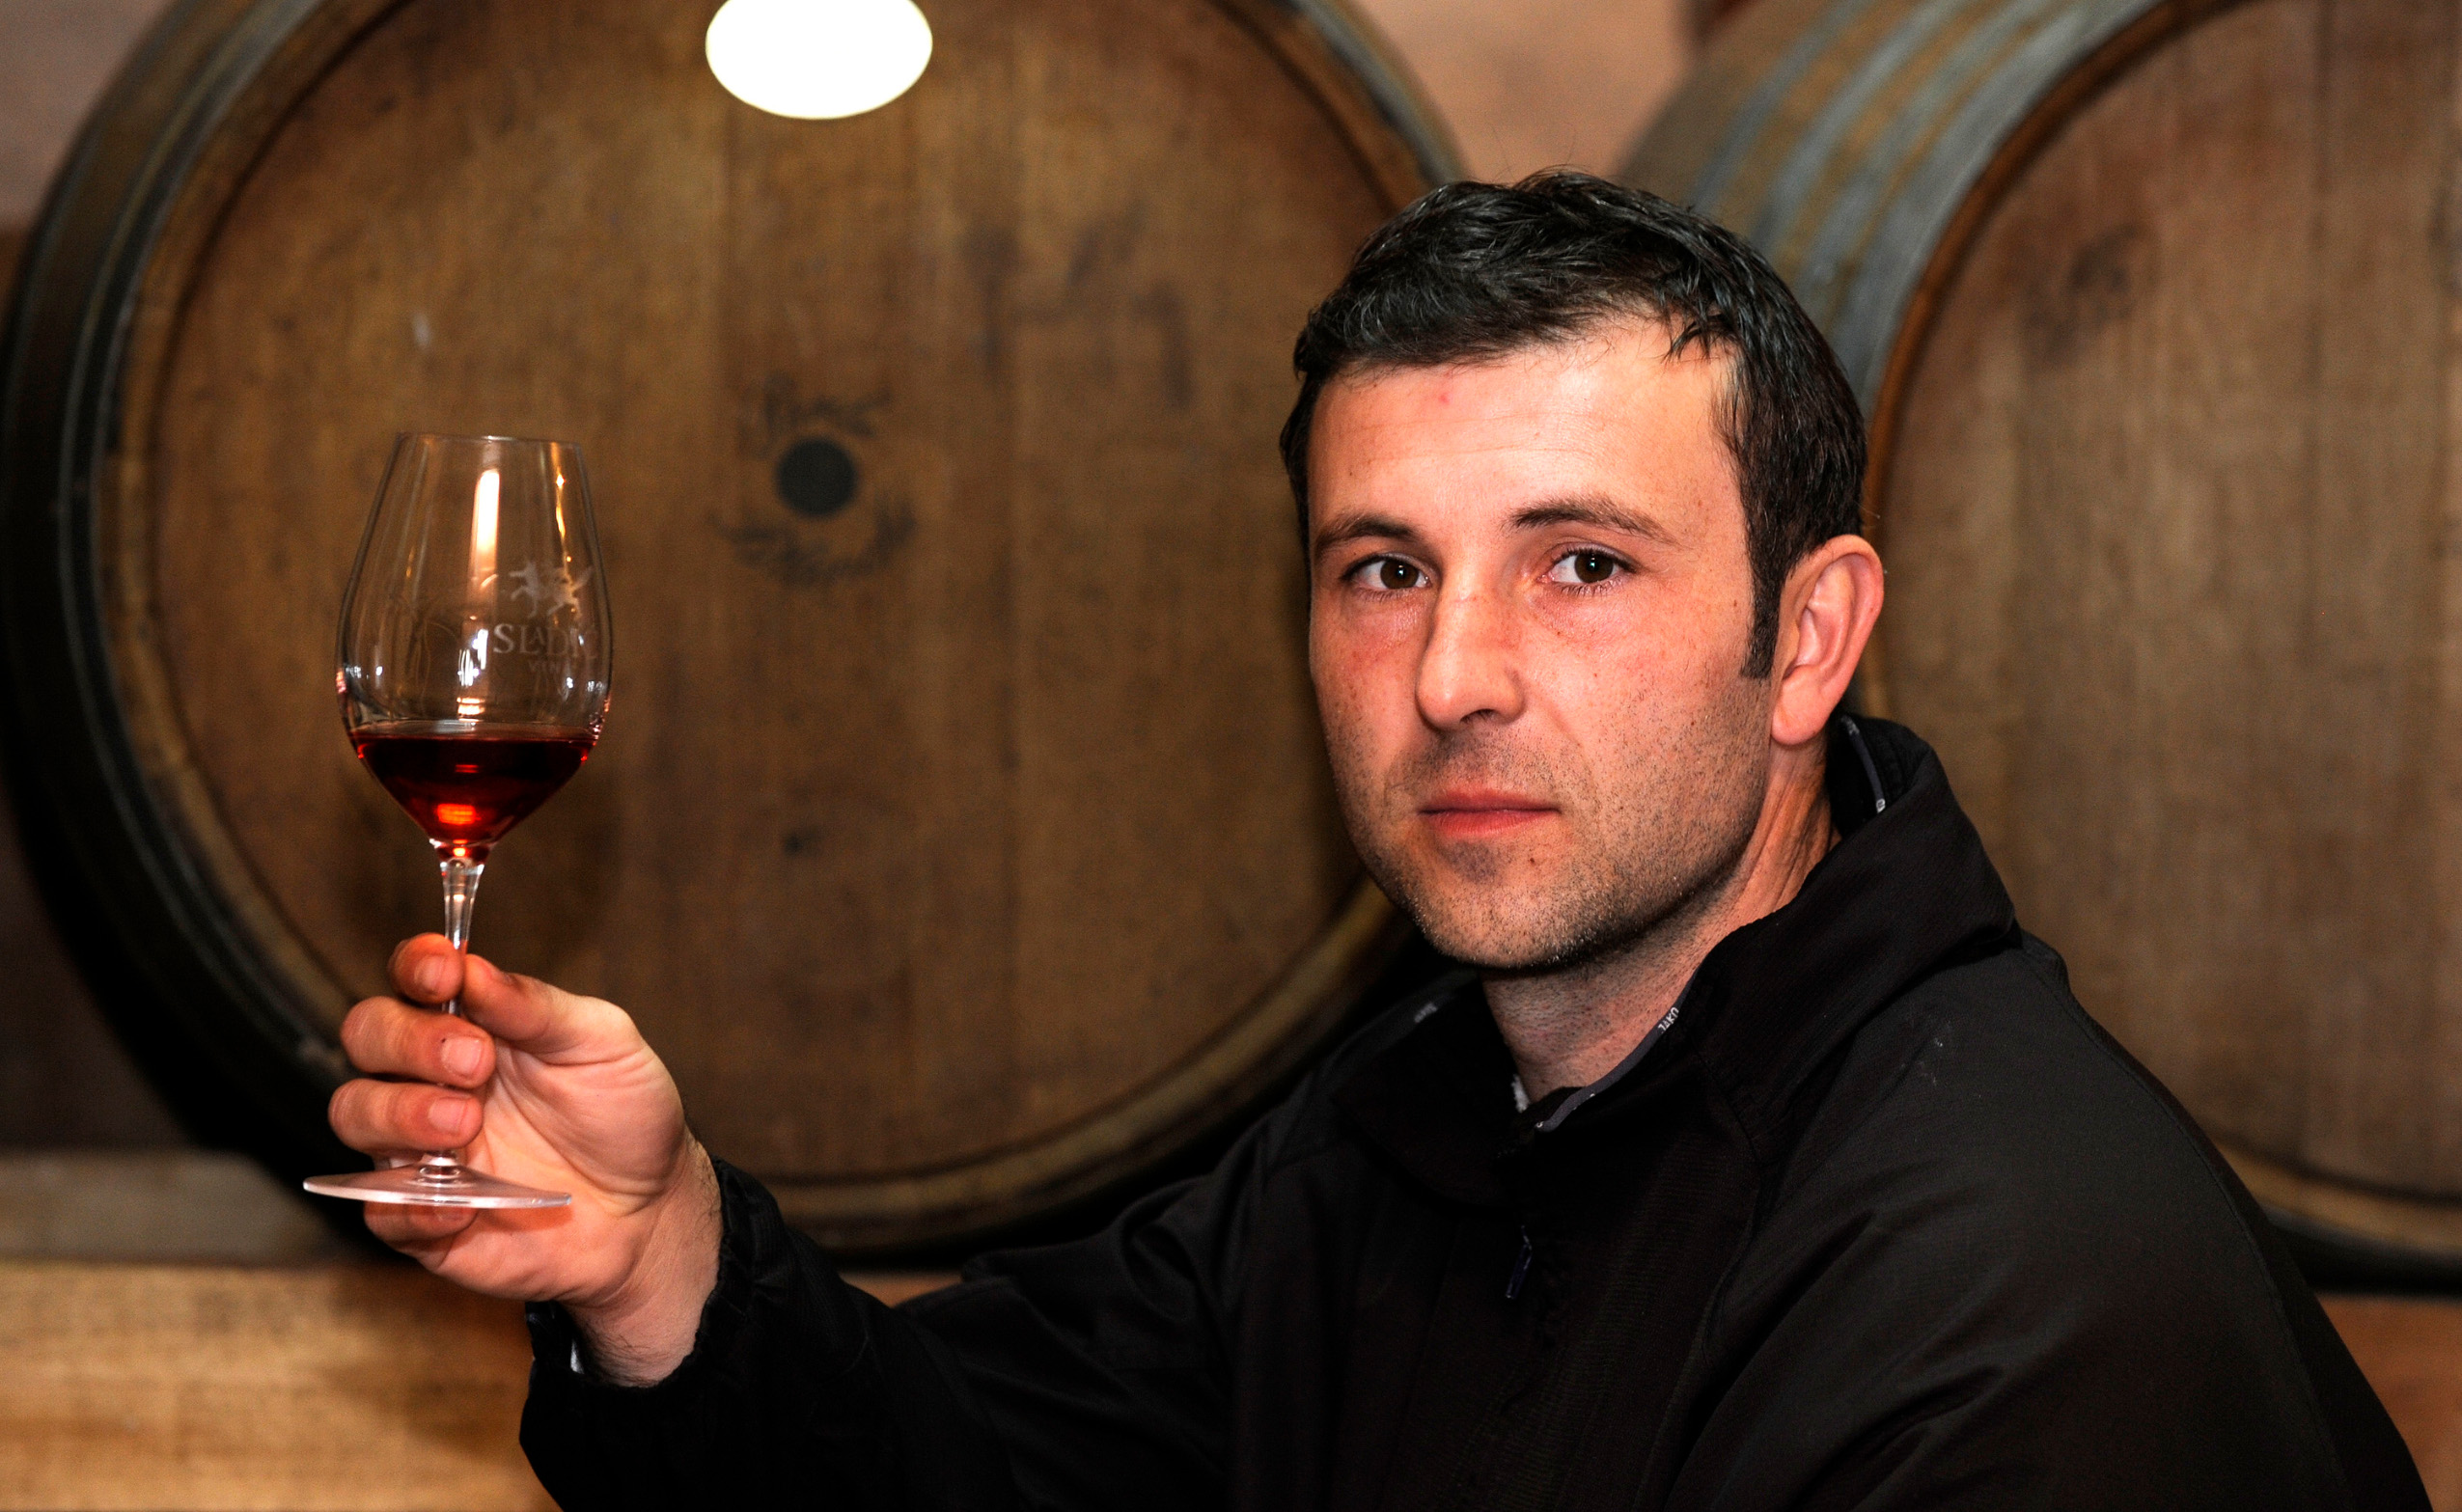 Plastovo ,010312. Vina i vinski podrum vinarije  Marka Sladica u Plastovu kod Skradina. Foto: Niksa Stipanicev / CROPIX